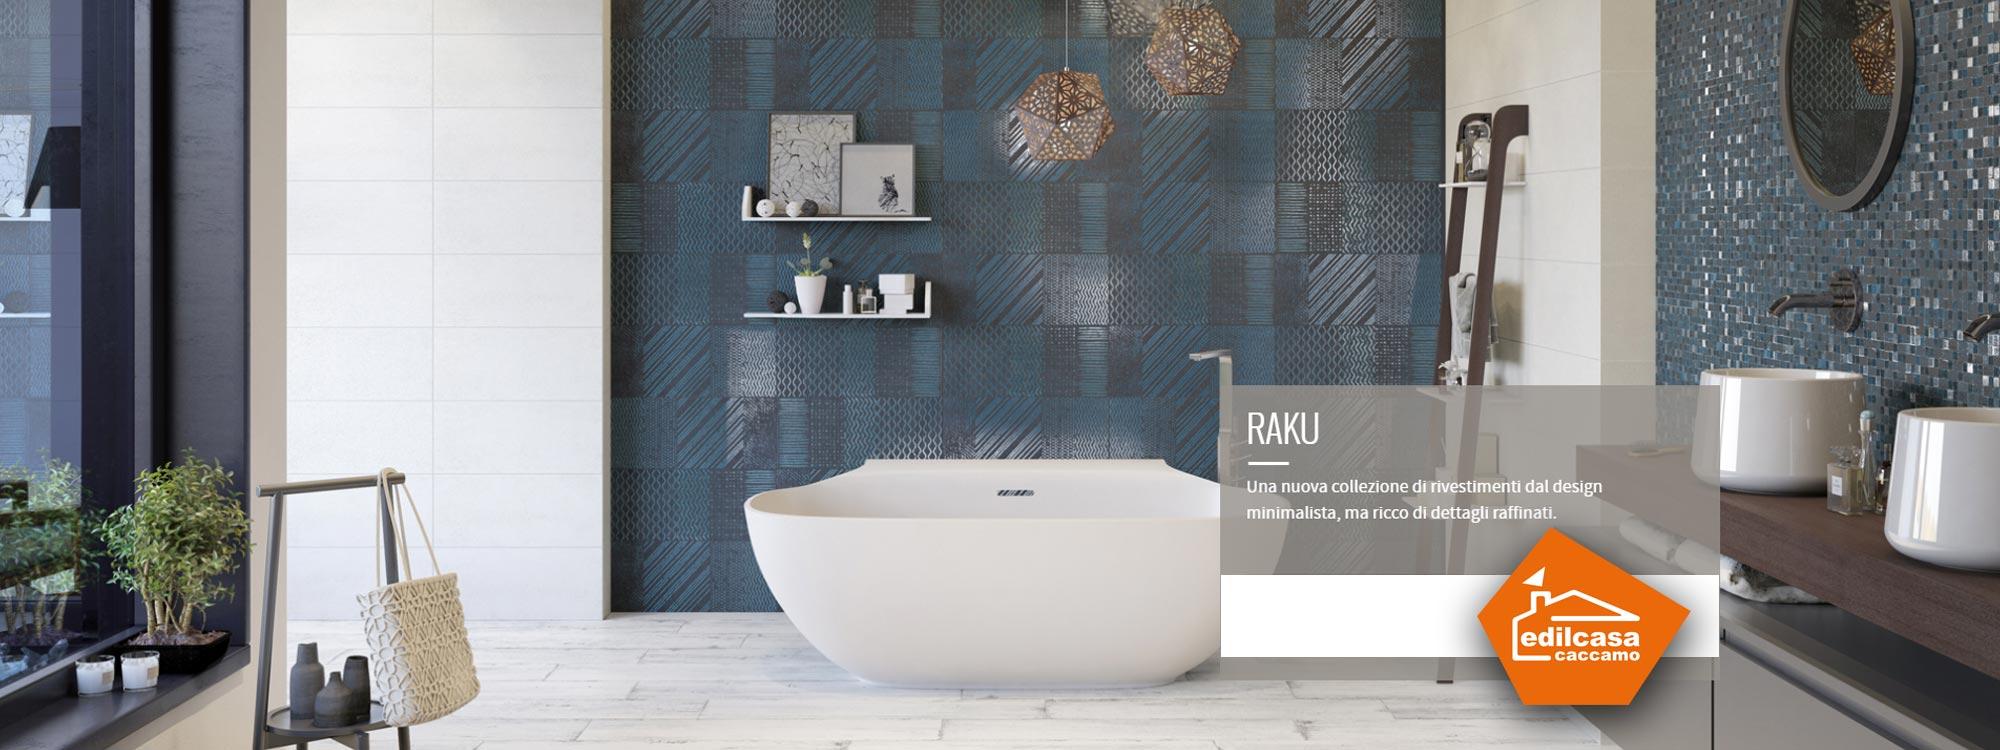 Naxos ceramiche pavimenti rivestimenti in gres porcellanato marche umbria arredo bagno - Naxos ceramiche bagno ...